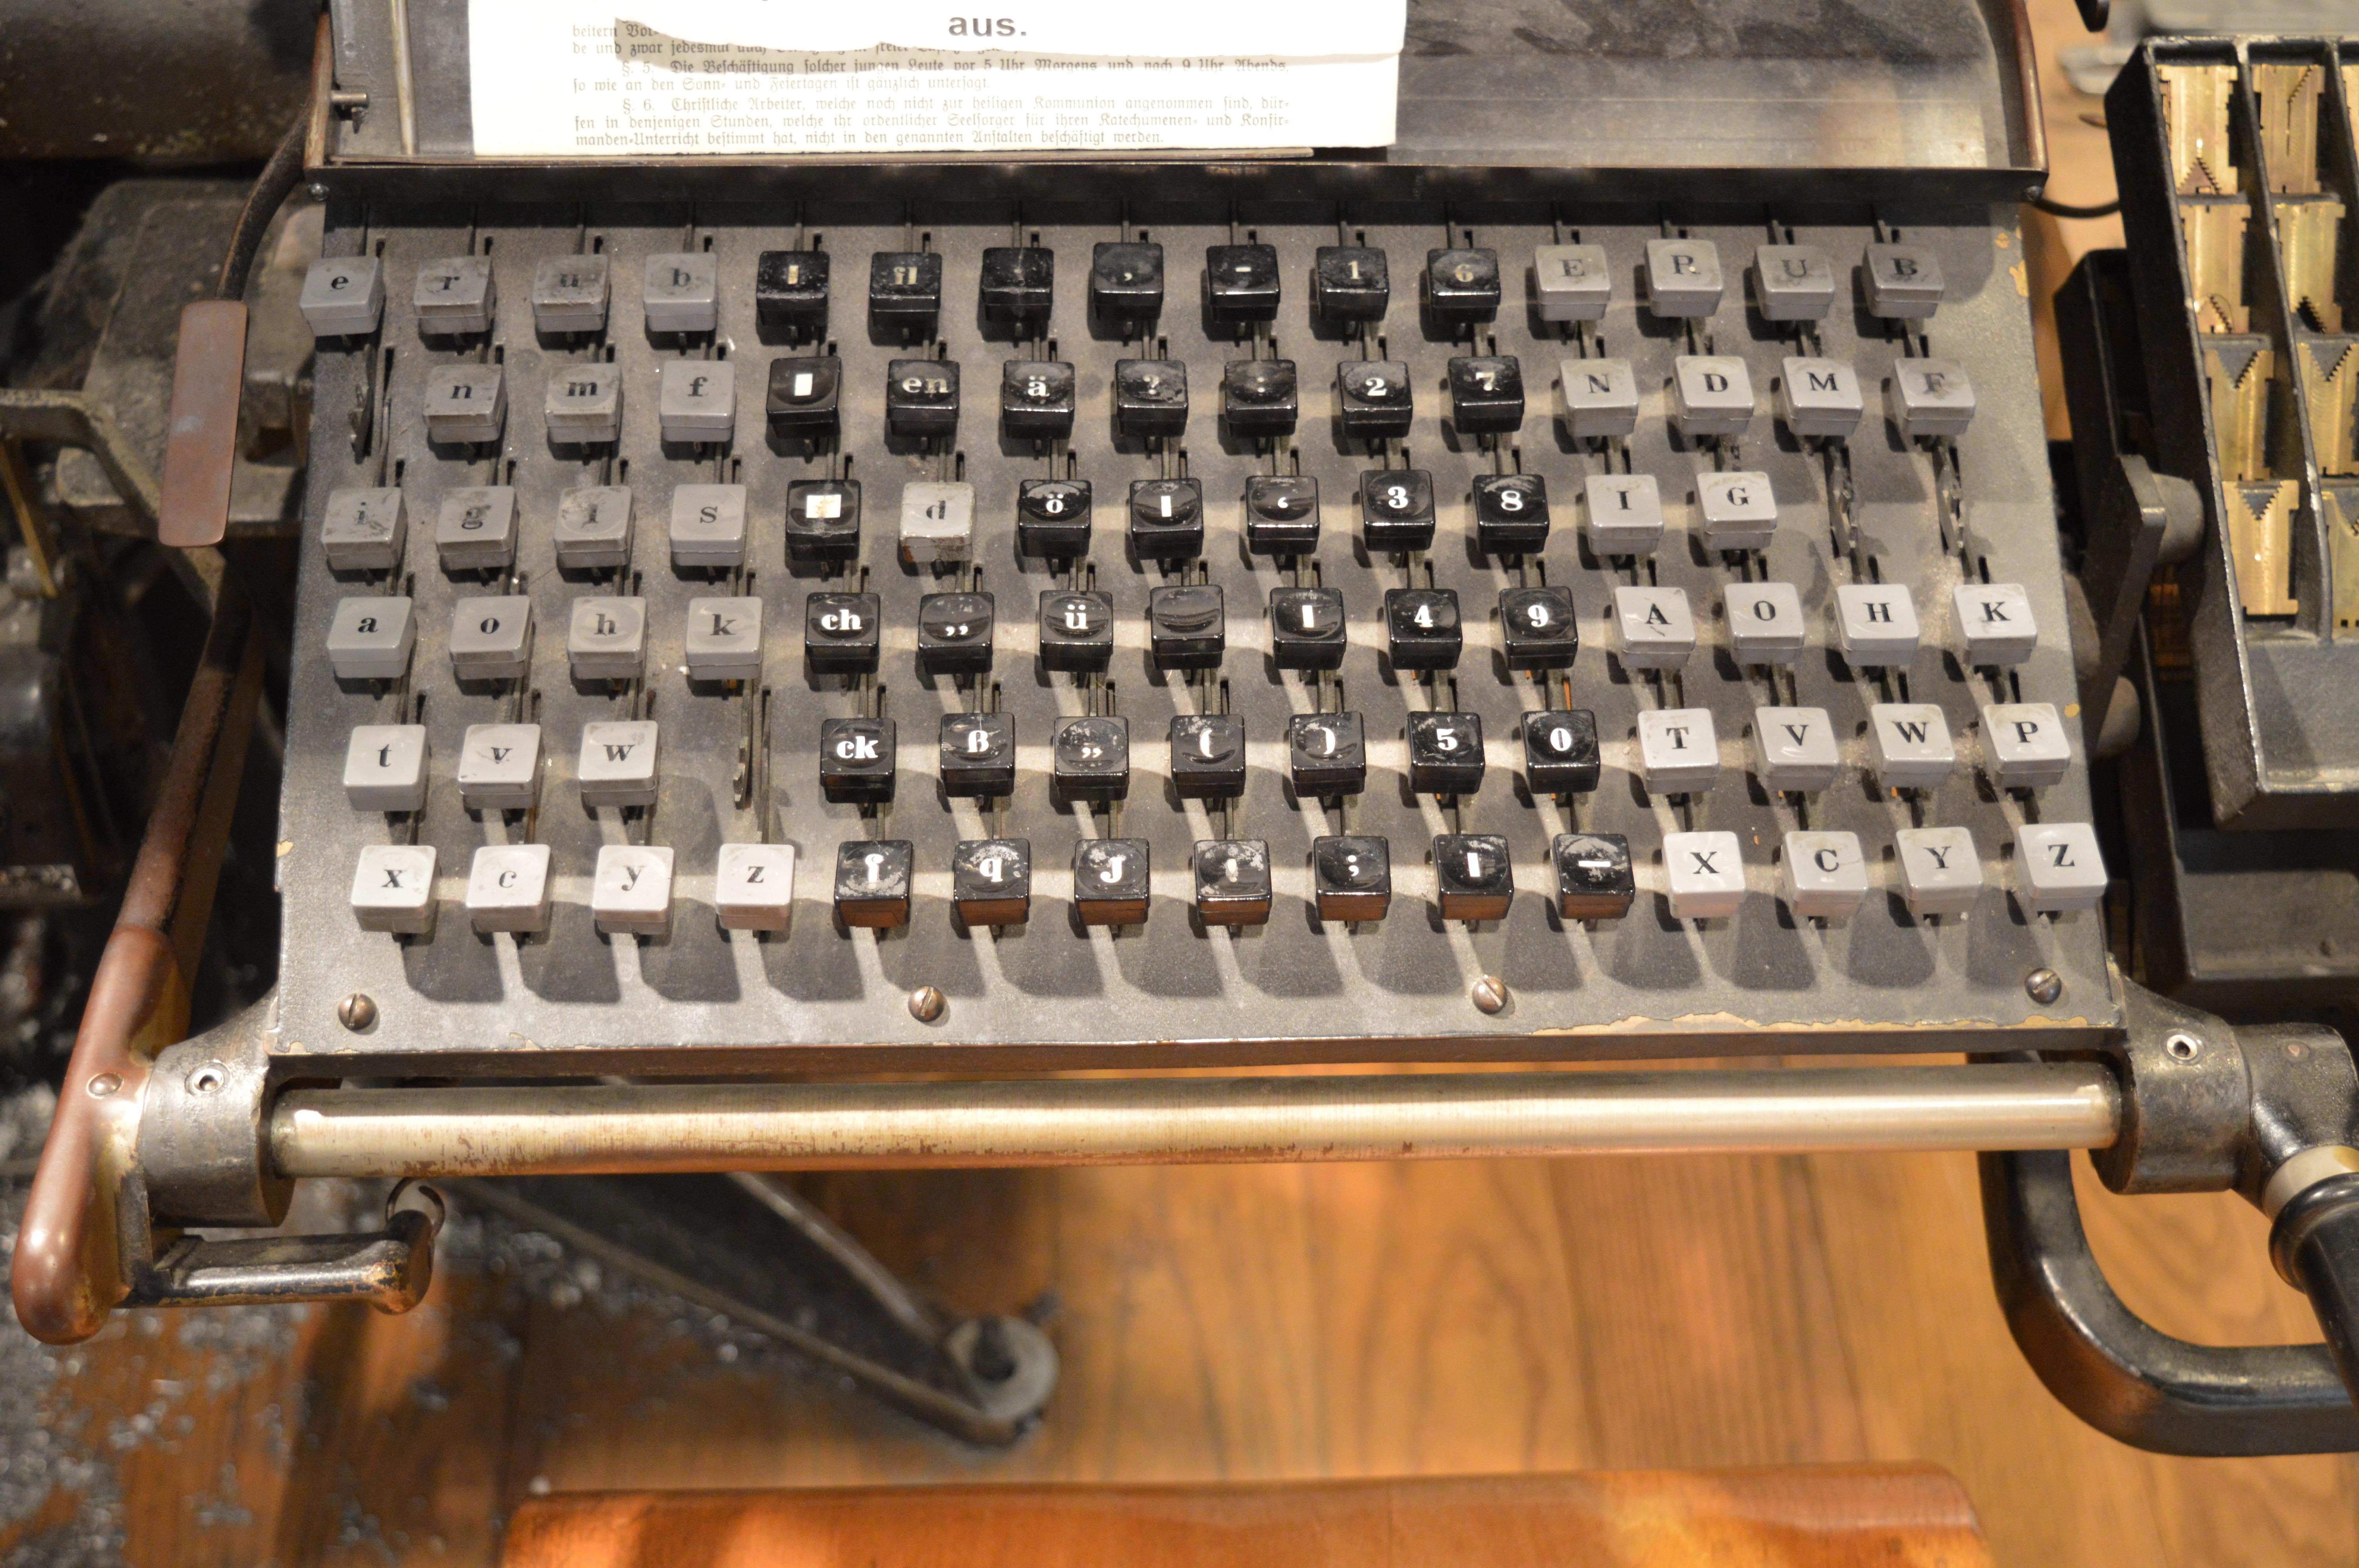 Kostenlose Foto Schreibtisch Tastatur Retro Buro Maschine